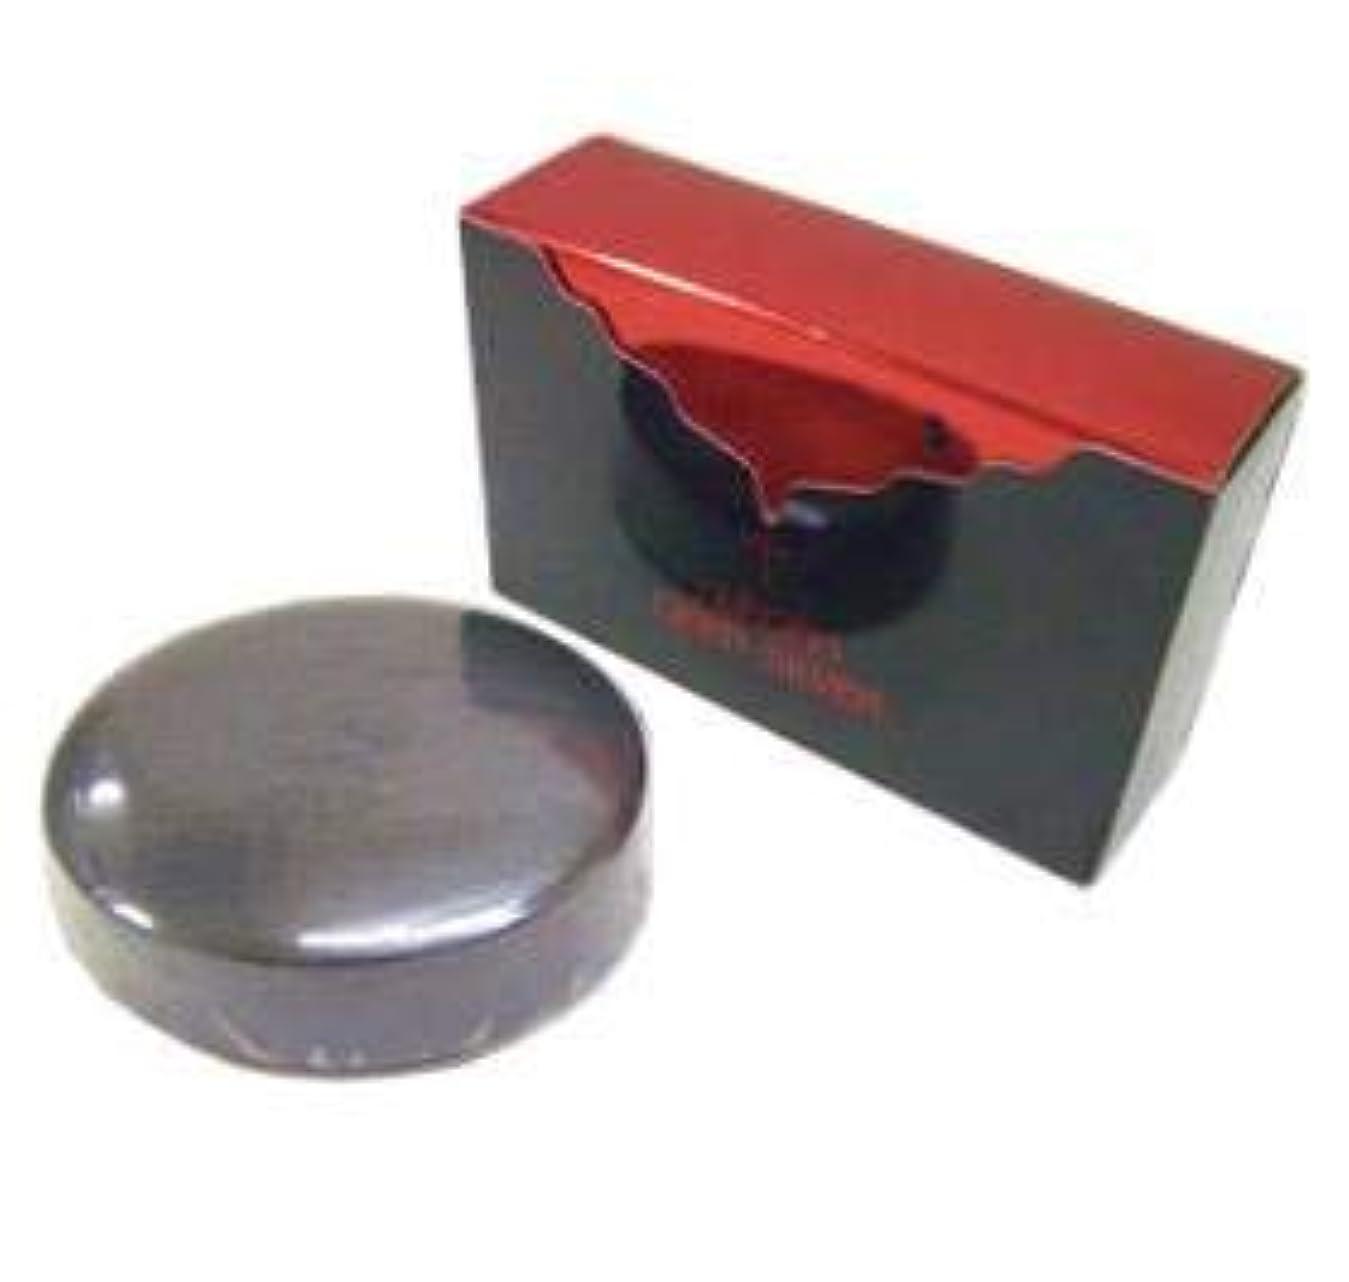 燃やす運動するピーブコスメ2000 オーロラ クィーンシルバー(枠練洗顔石鹸)(100g)